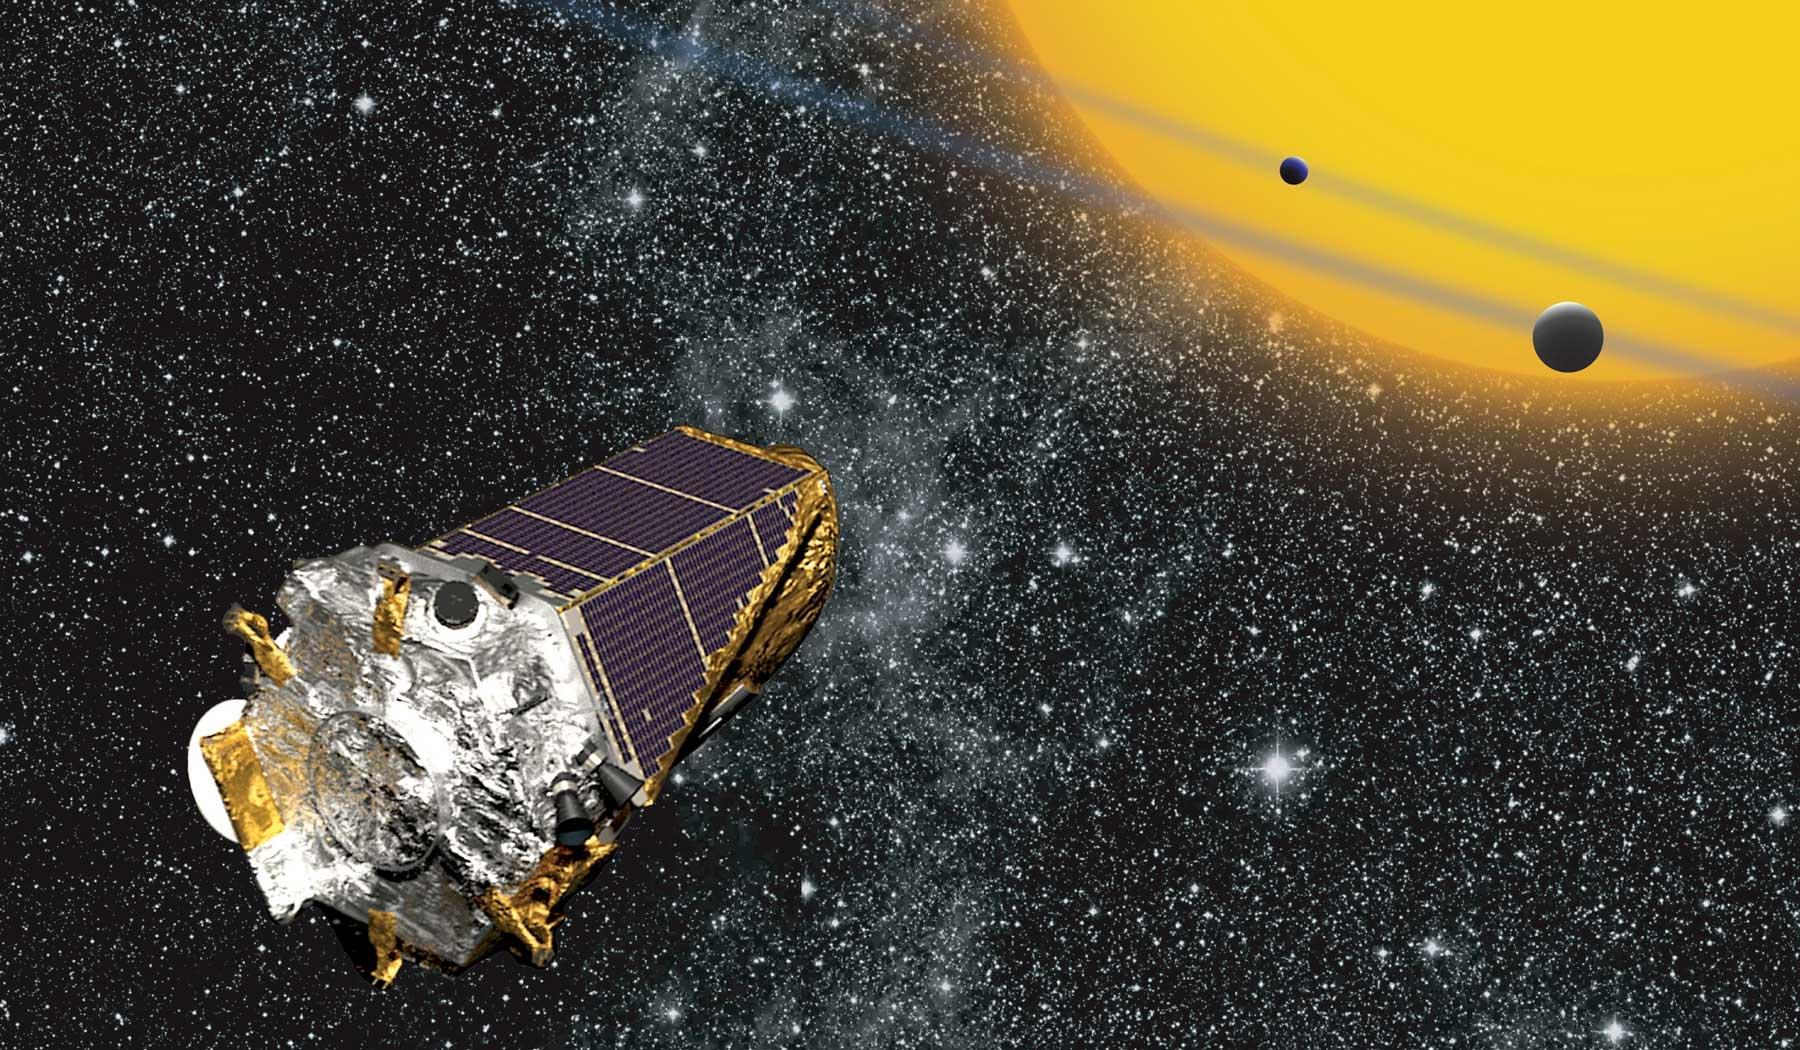 Космический телескоп Kepler.